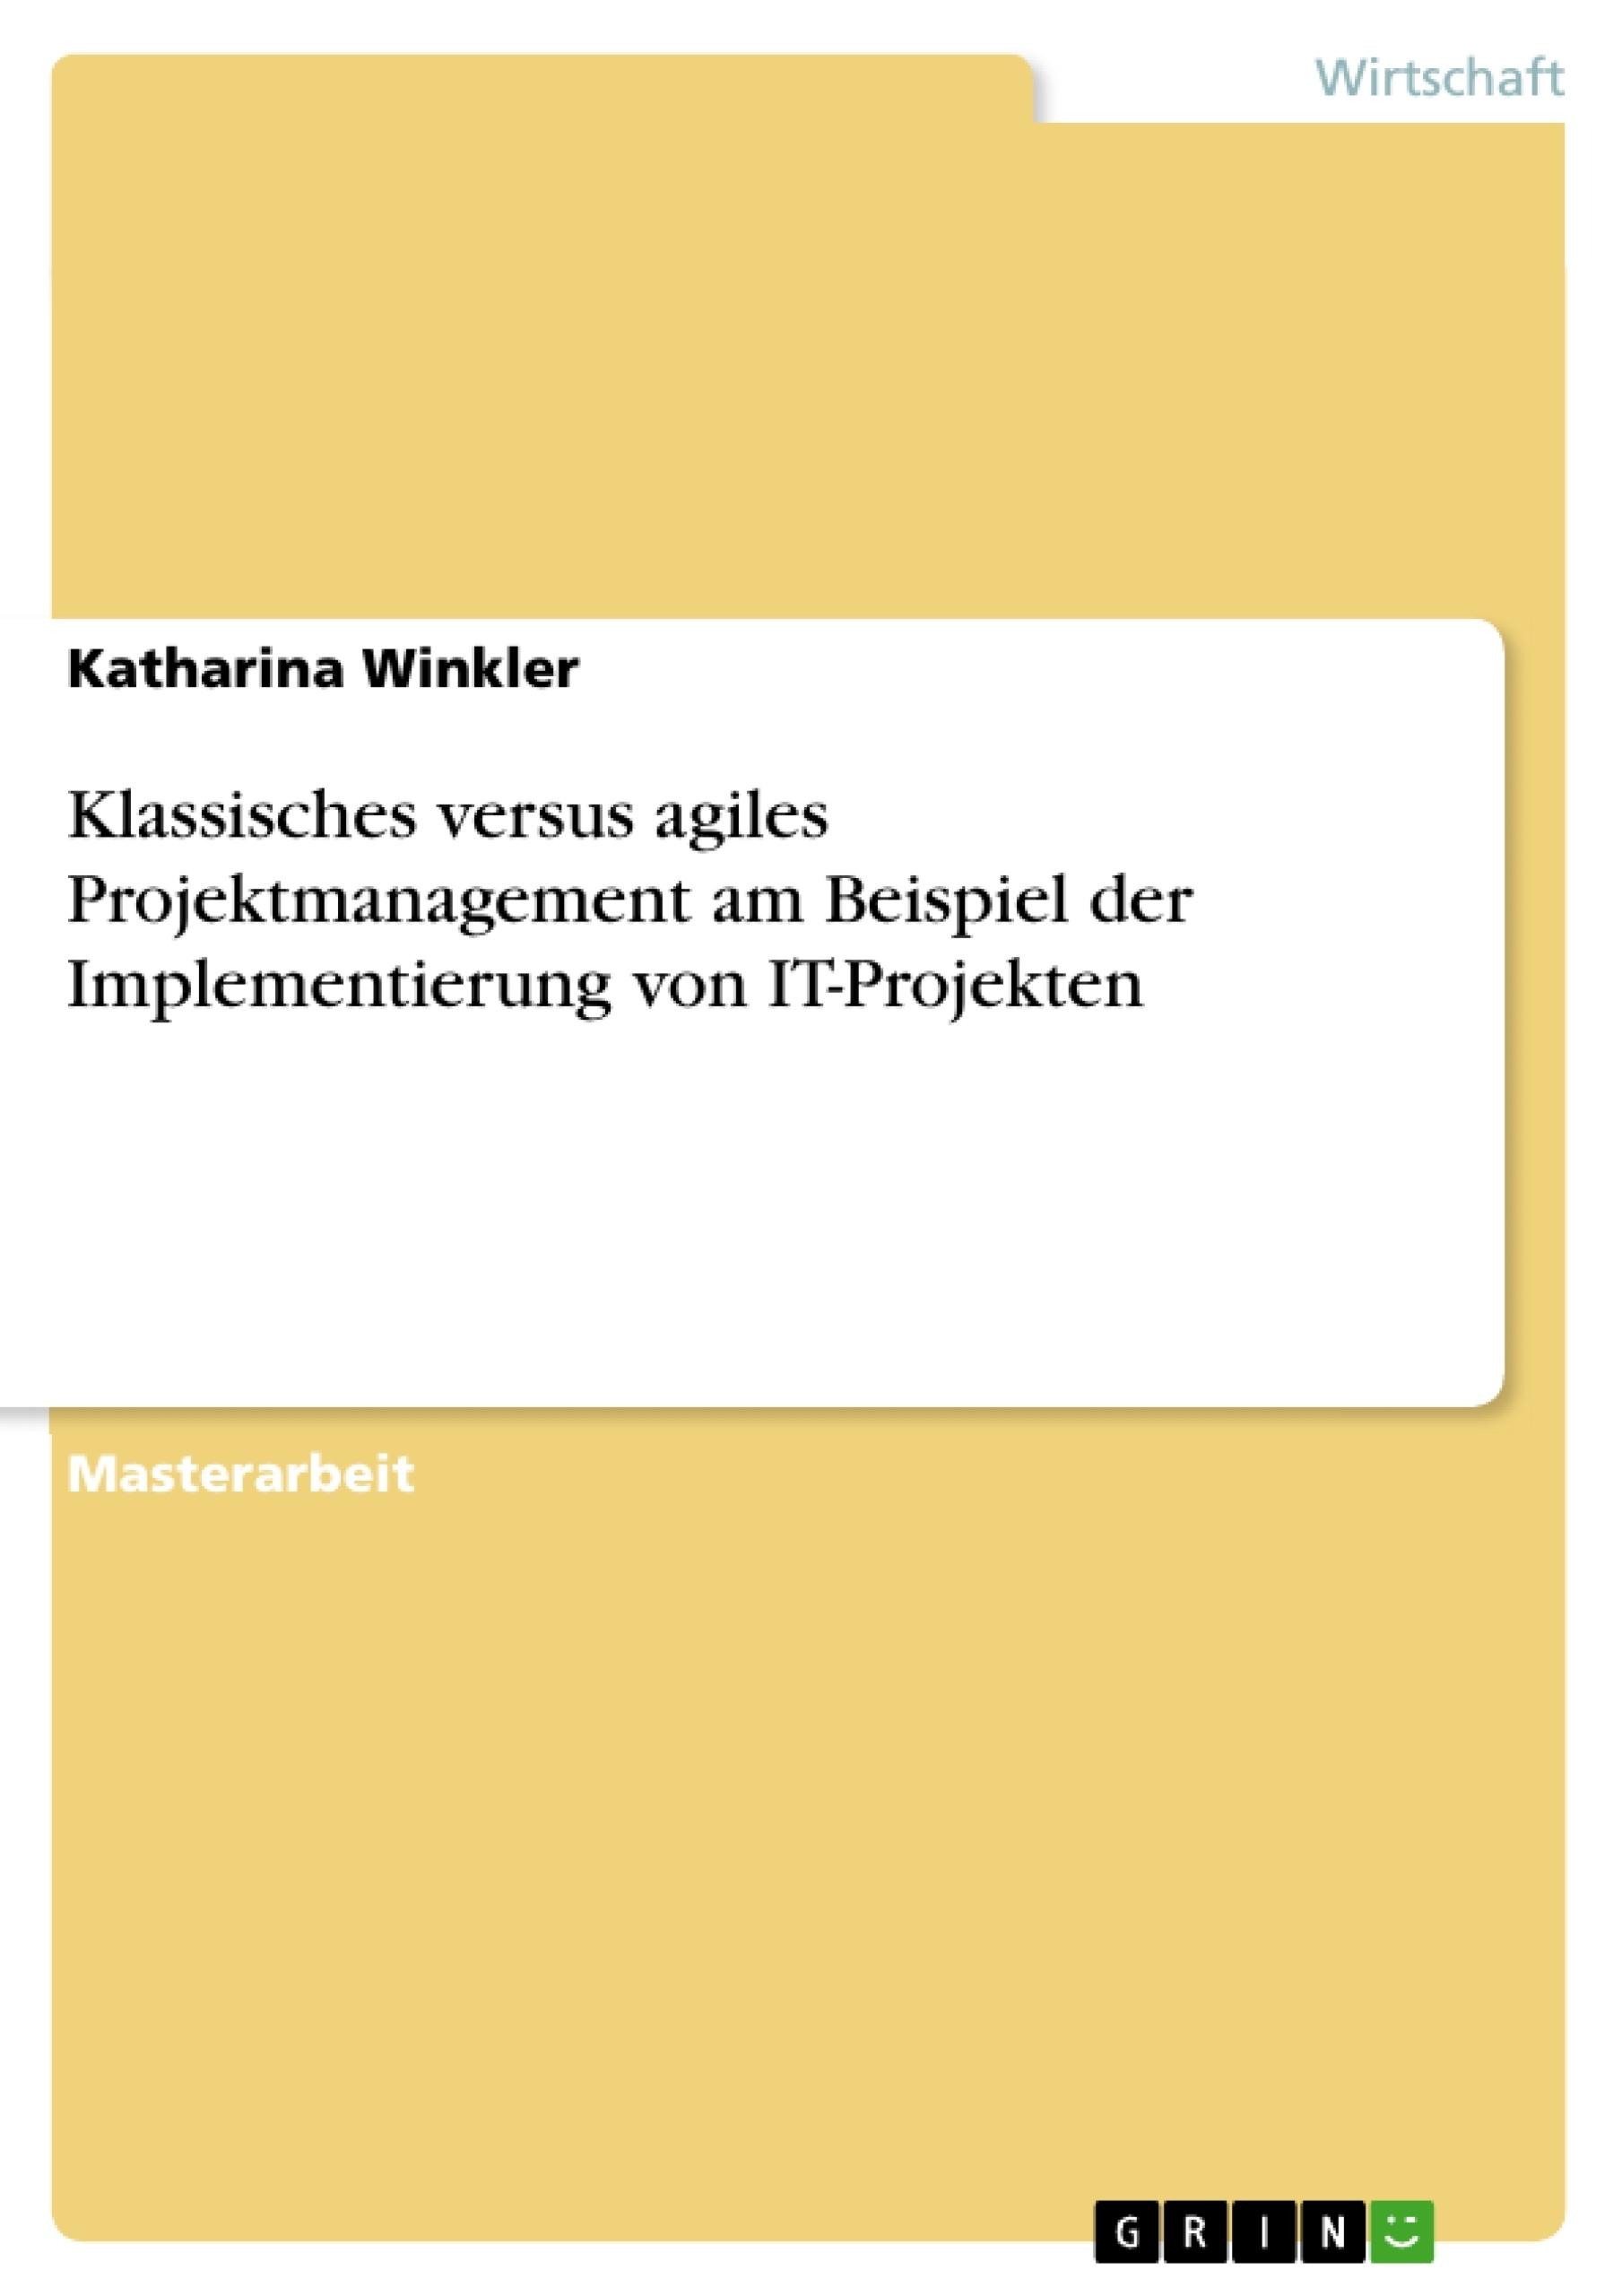 Titel: Klassisches versus agiles Projektmanagement am Beispiel der Implementierung von IT-Projekten